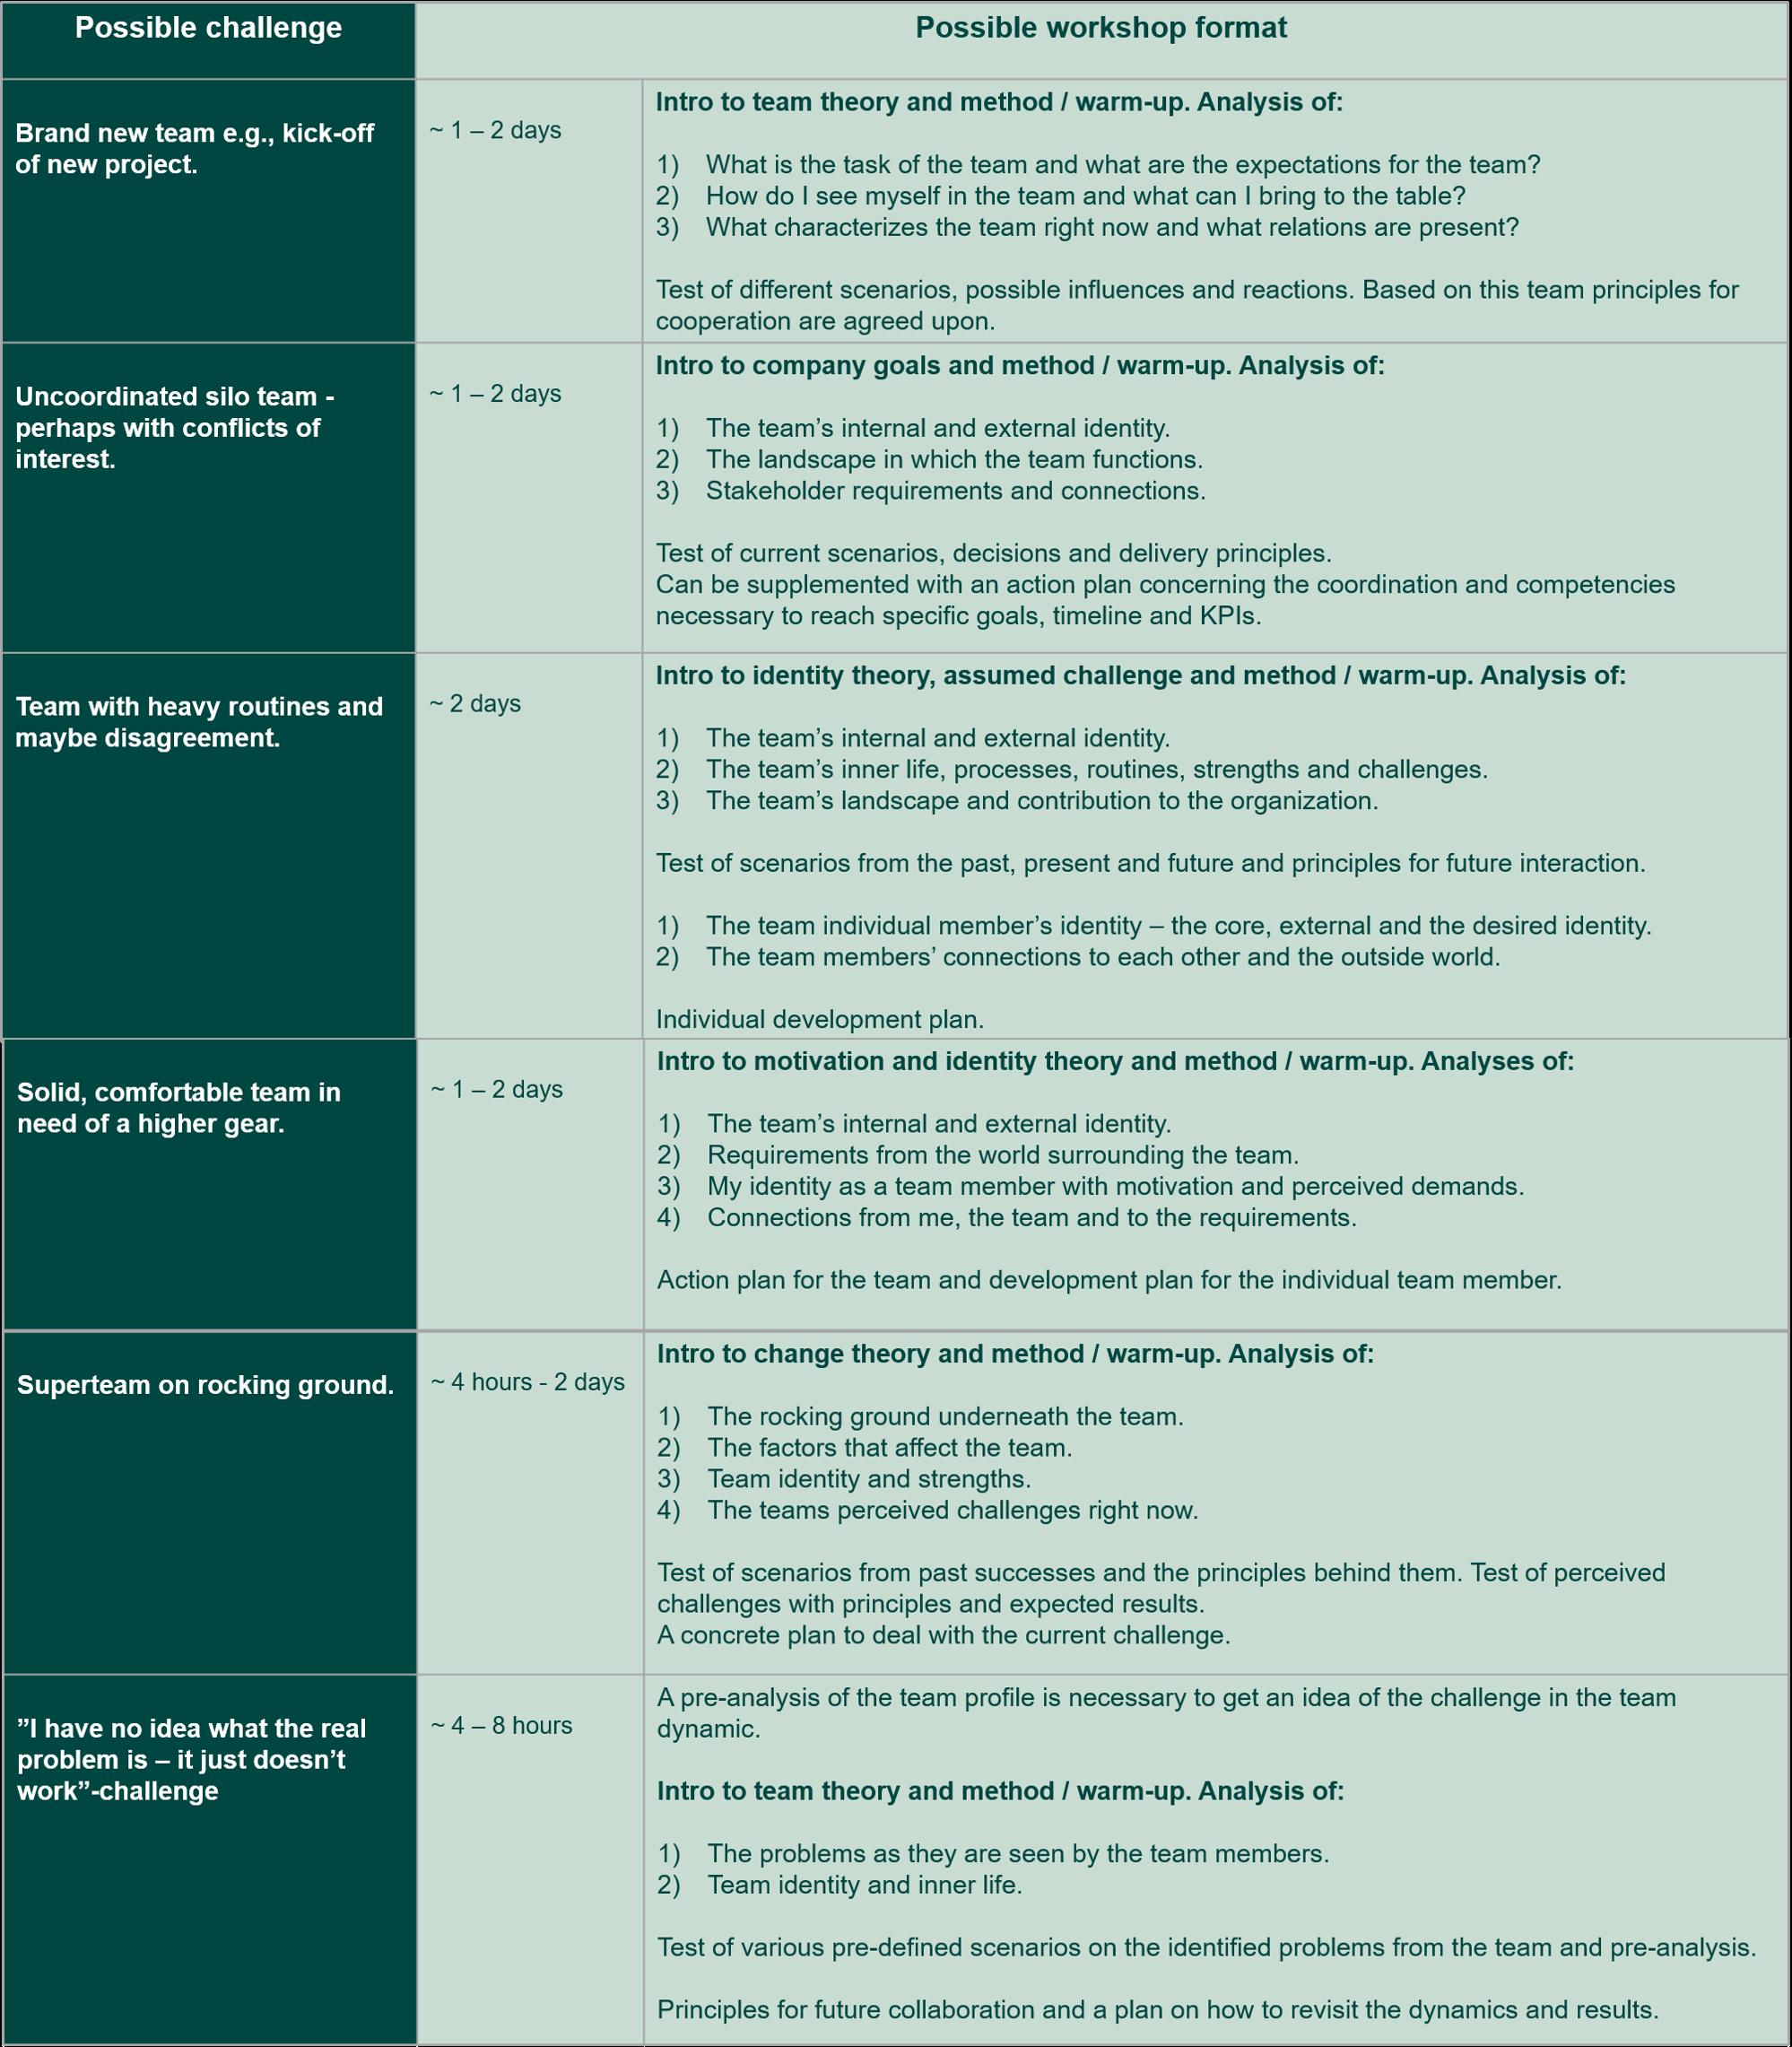 Different workshop formats